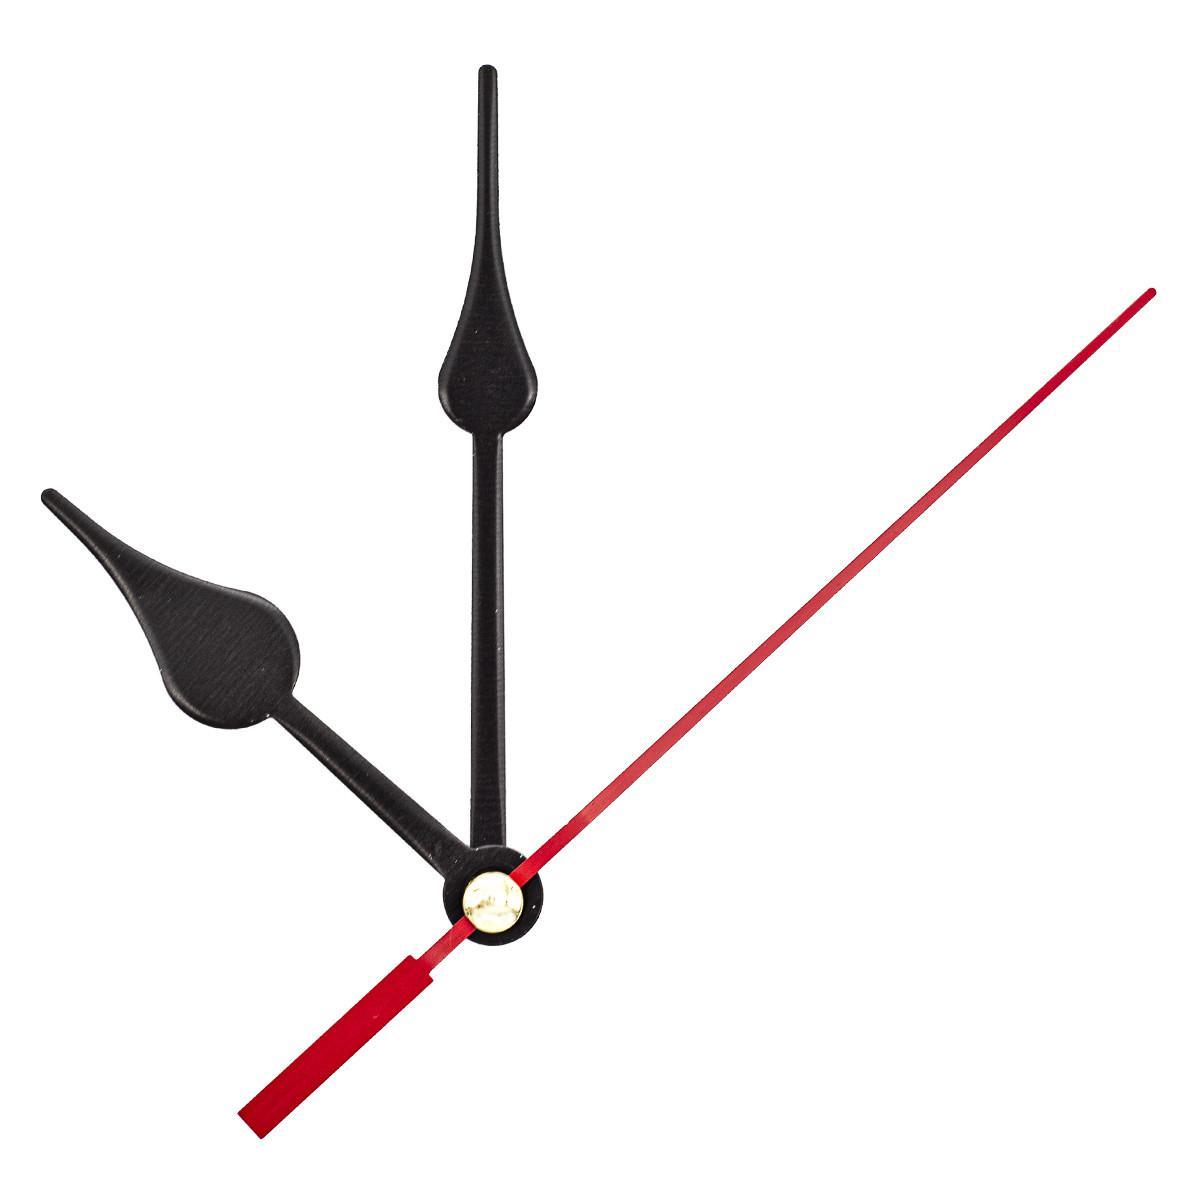 Набор стрелок часовых, 60/83/90 мм, 3 штуки, цвет красный (арт. 5AS-063)